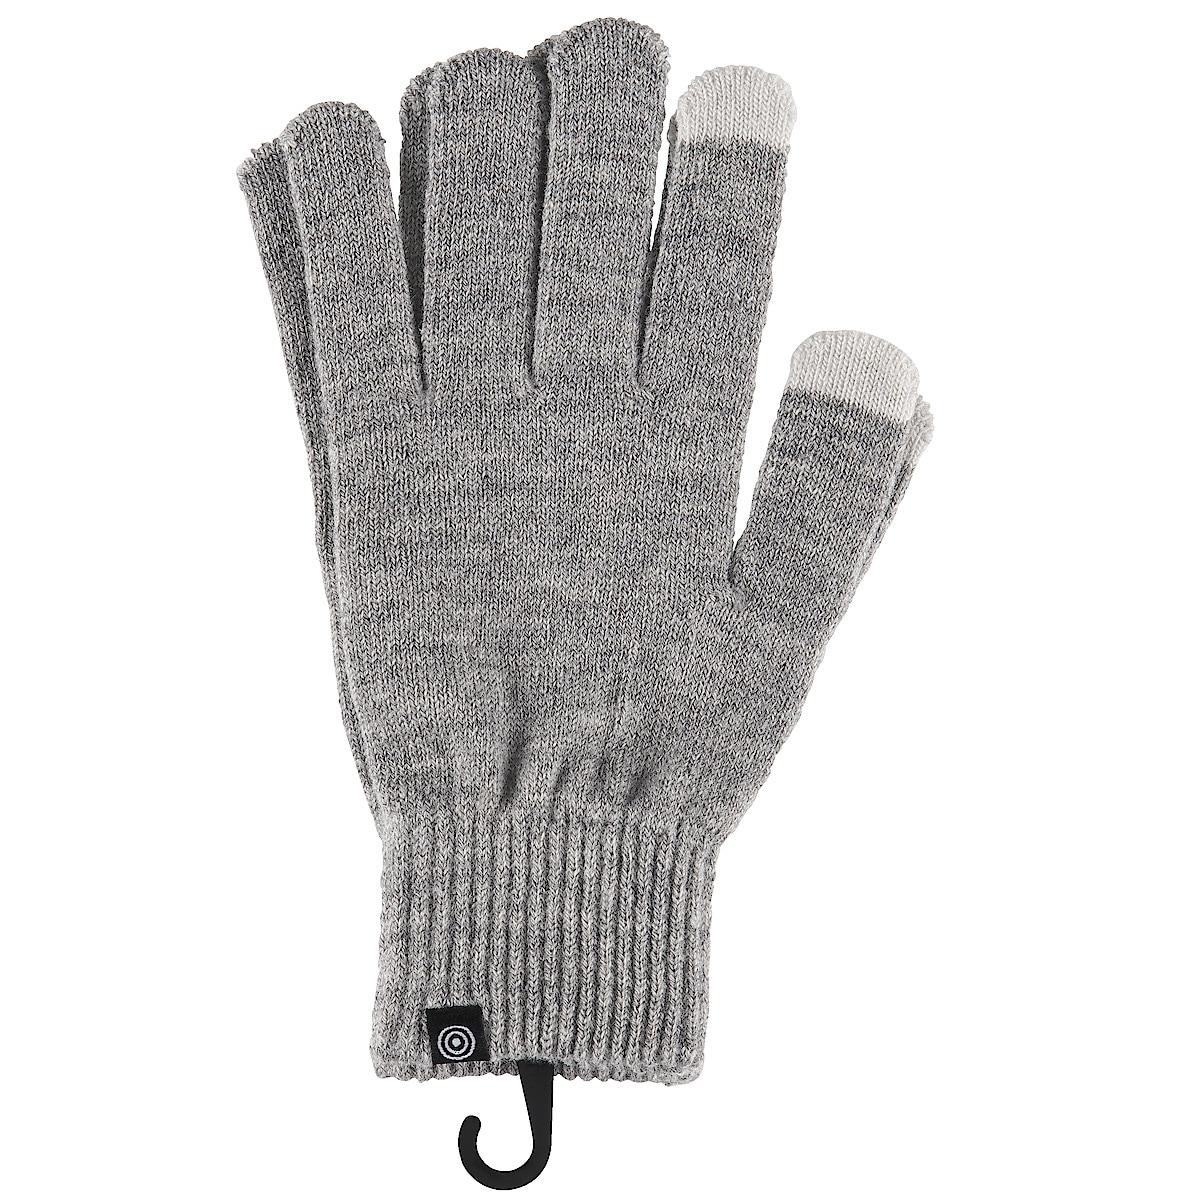 Touchscreen-Handschuhe, grau